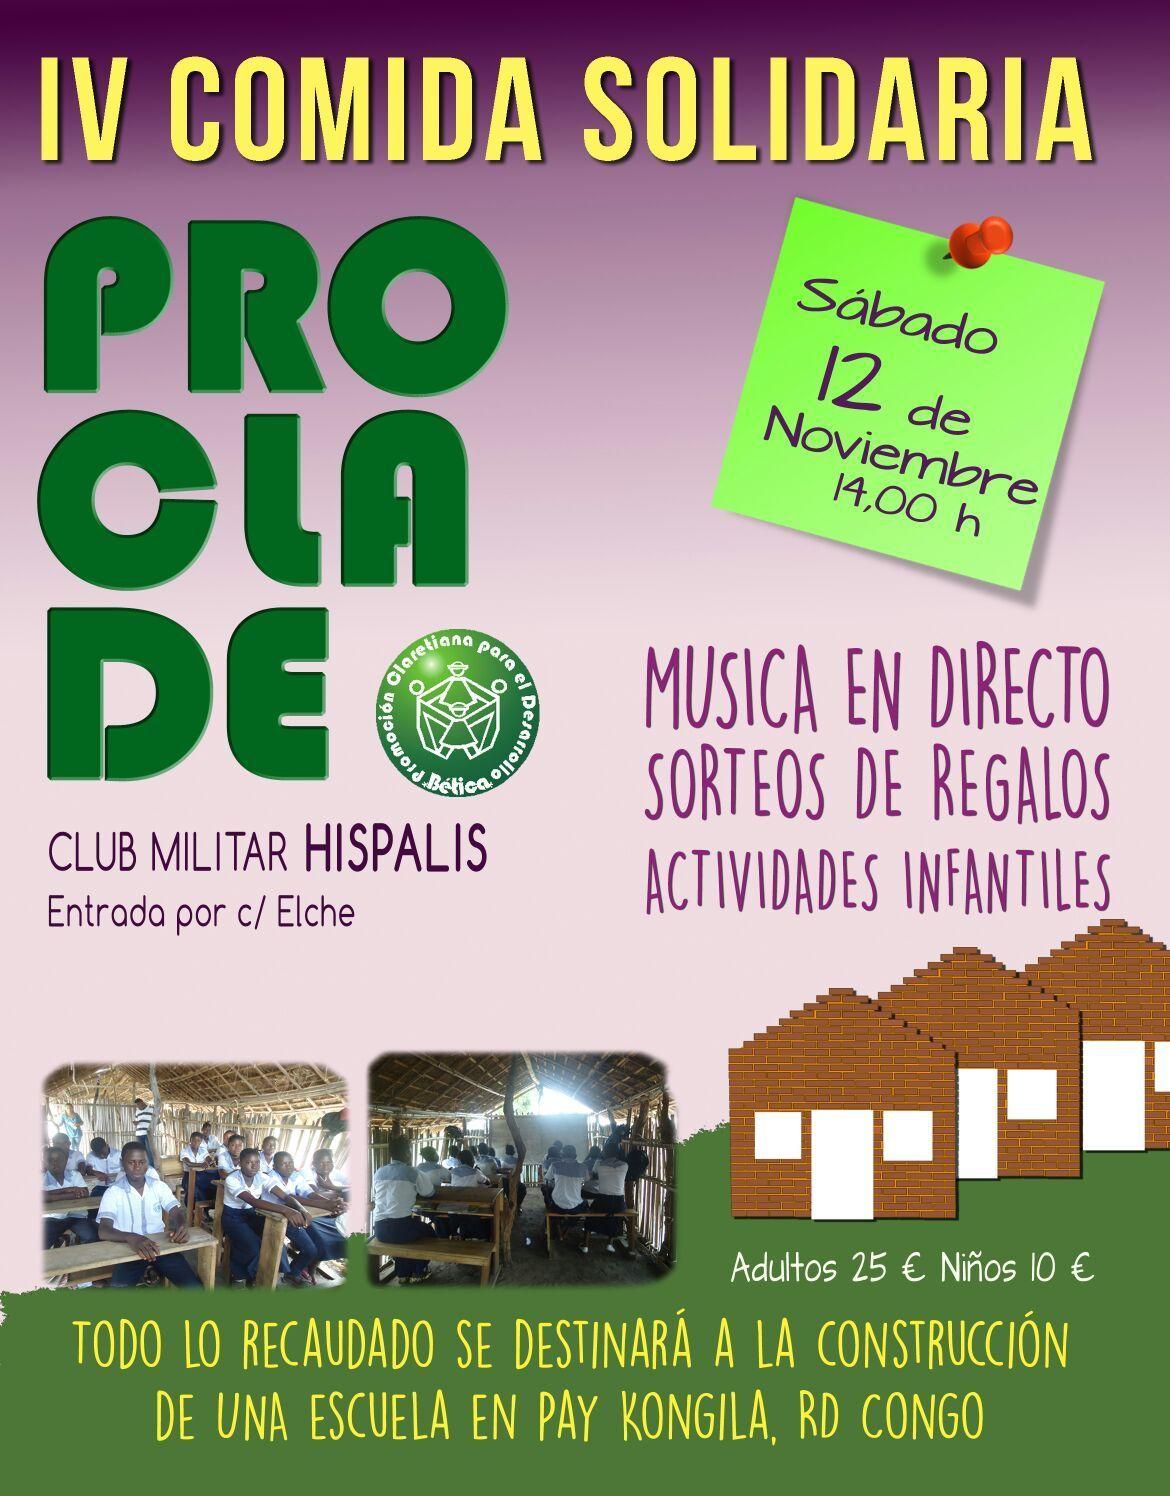 IV Comida Solidaria Proclade Bética